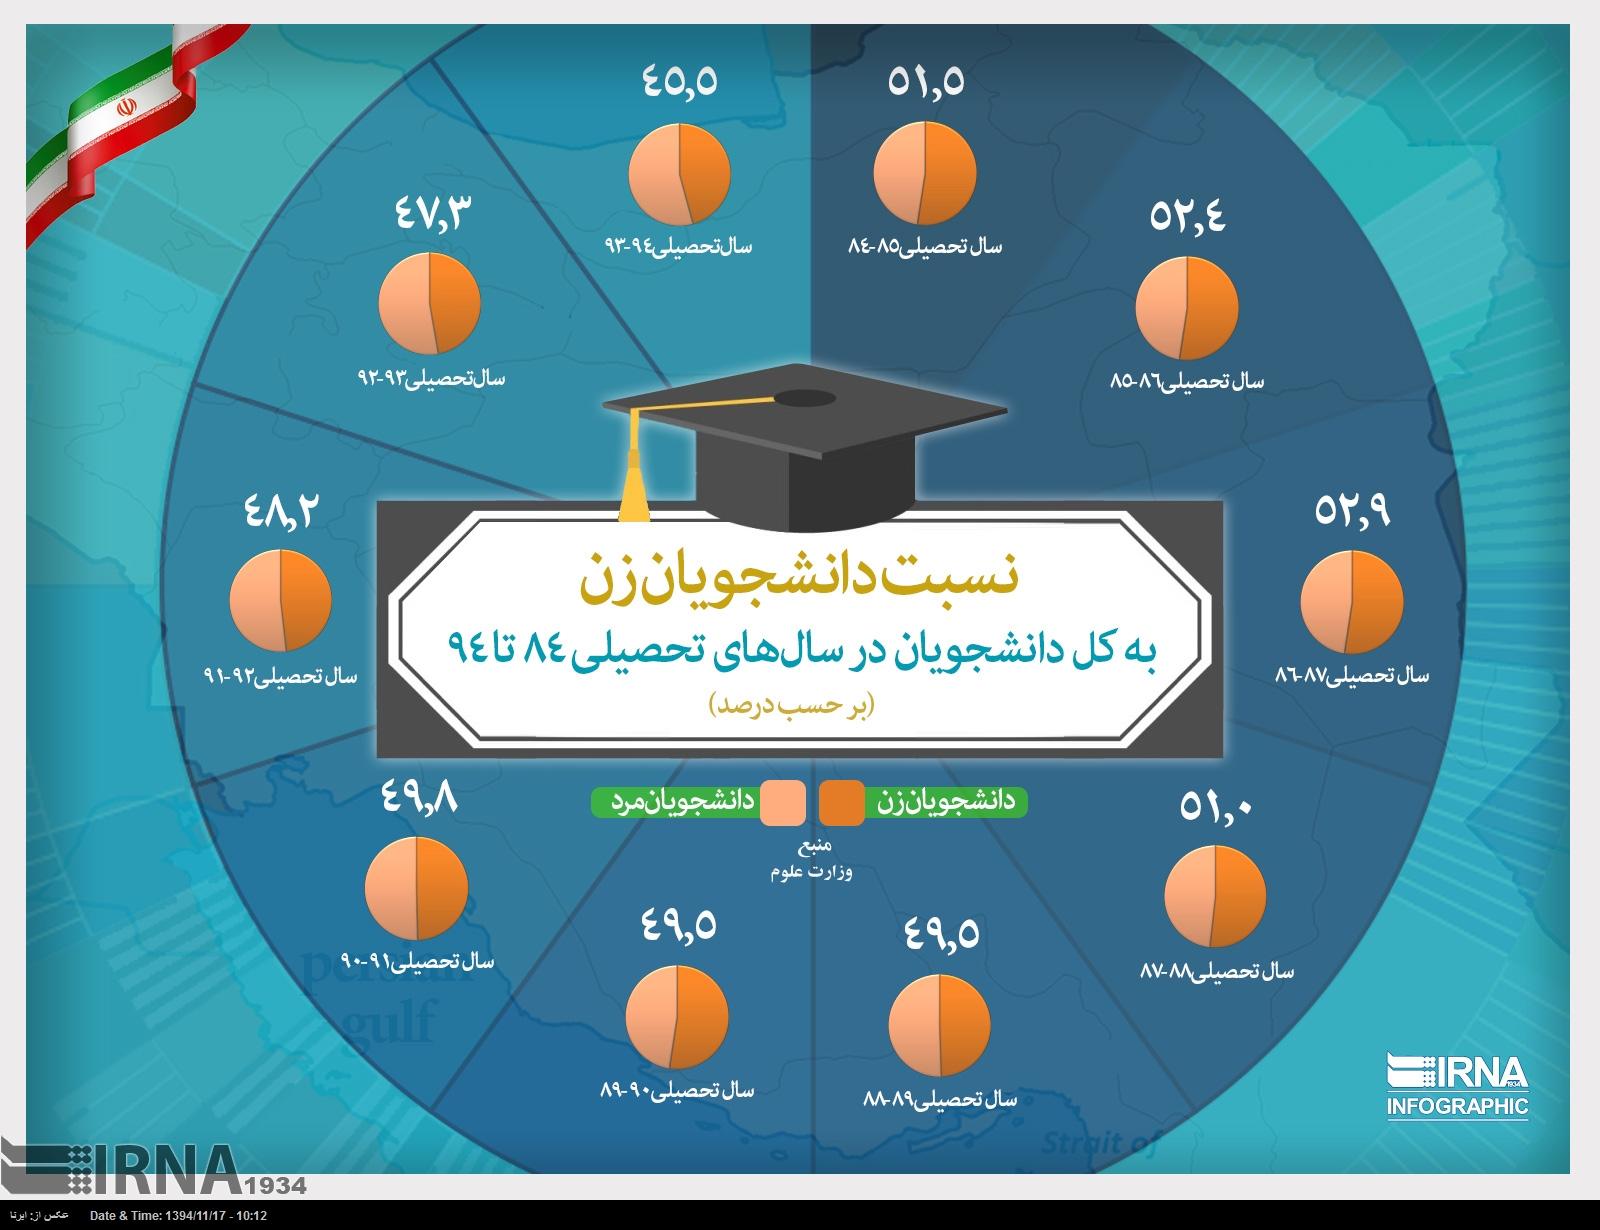 نسبت دانشجویان زن به کل دانشجویان در سال های تحصیلی 84 تا 94 (اینفوگرافیک)